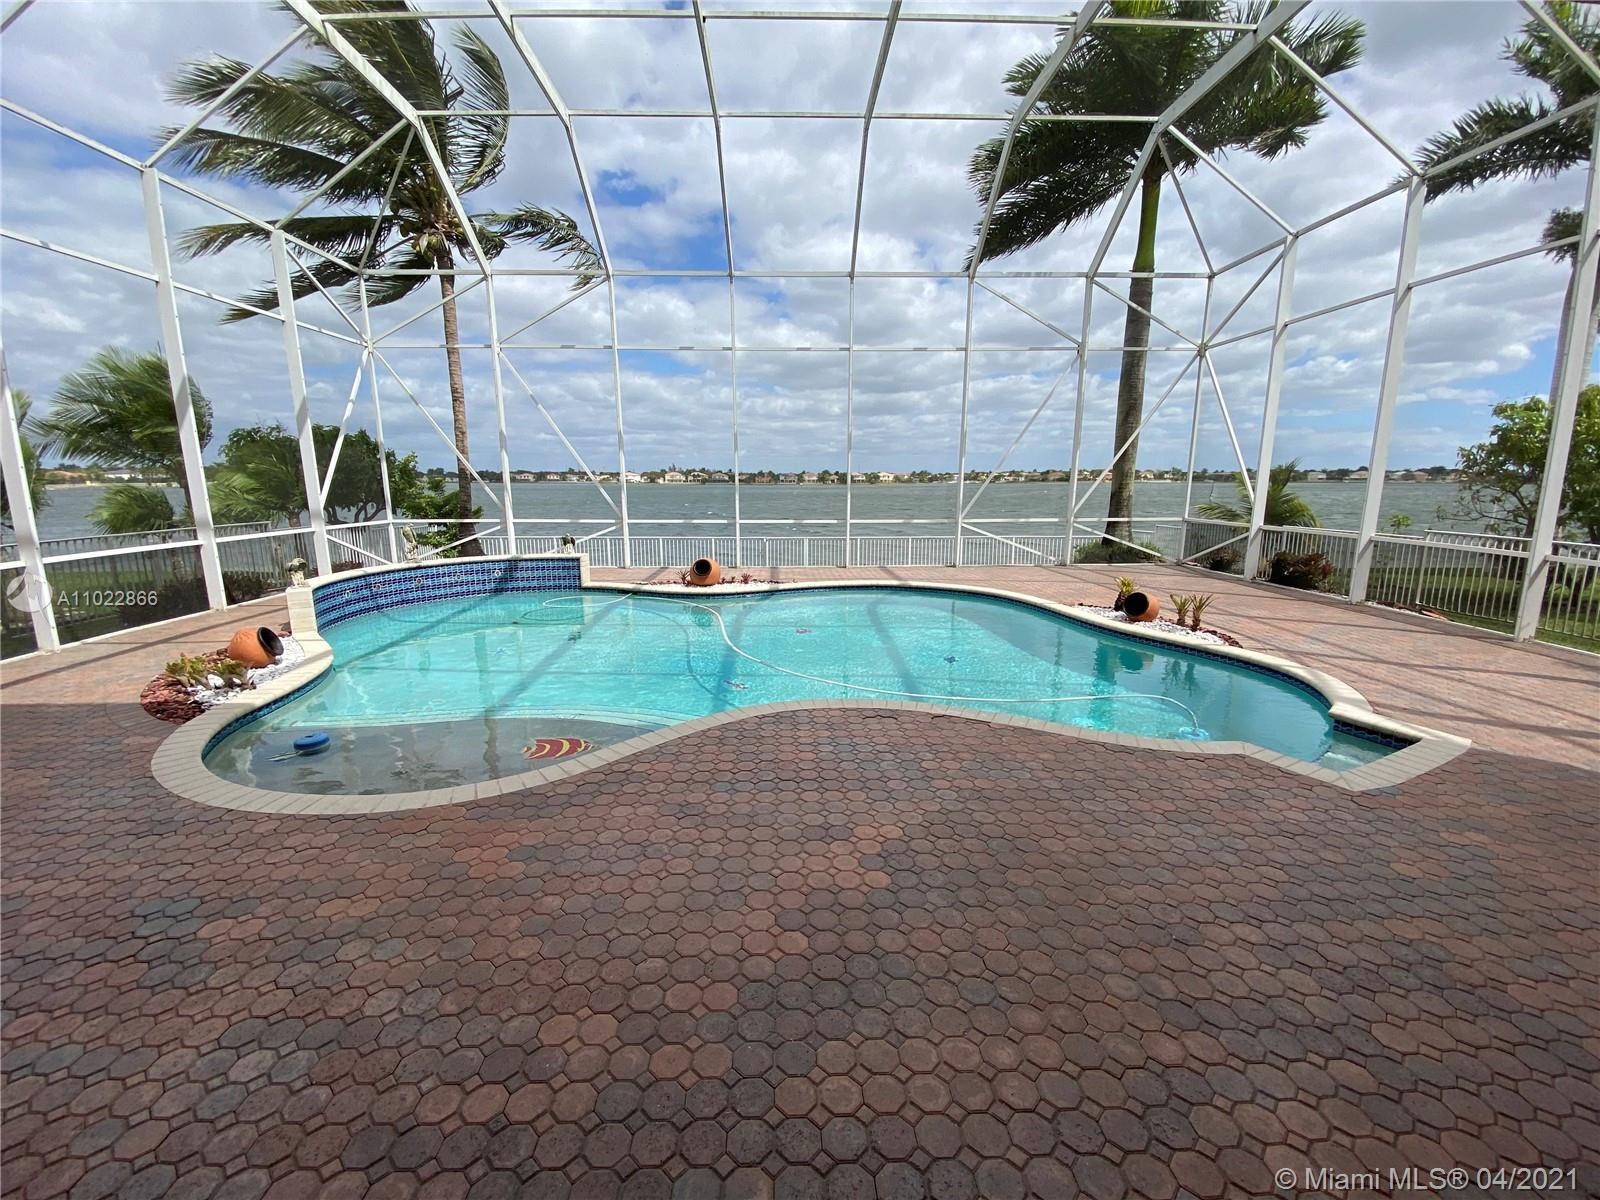 Riviera Isles - 16619 SW 54th Ct, Miramar, FL 33027